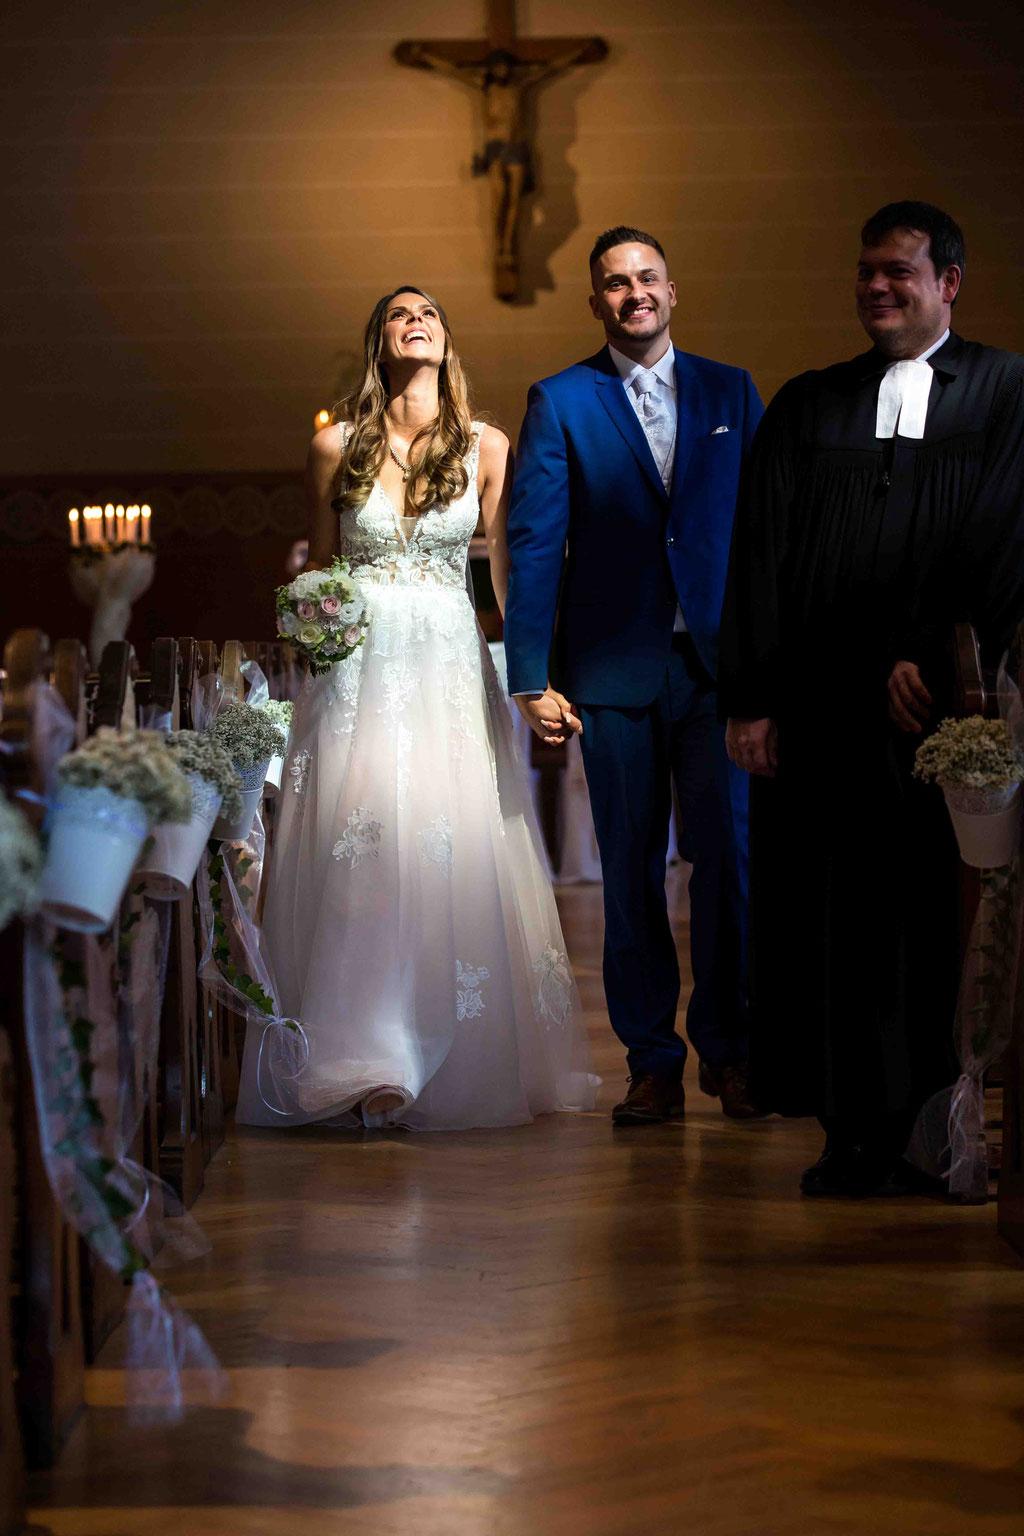 Hochzeit: Weststadtbar Darmstadt, Mainzer Straße 106, 64293 Darmstadt - Hochzeitsfotograf, Auszug aus der Kirche, Lichtschein auf das Brautpaar, Braut lächelt, wundervolles Brautkleid